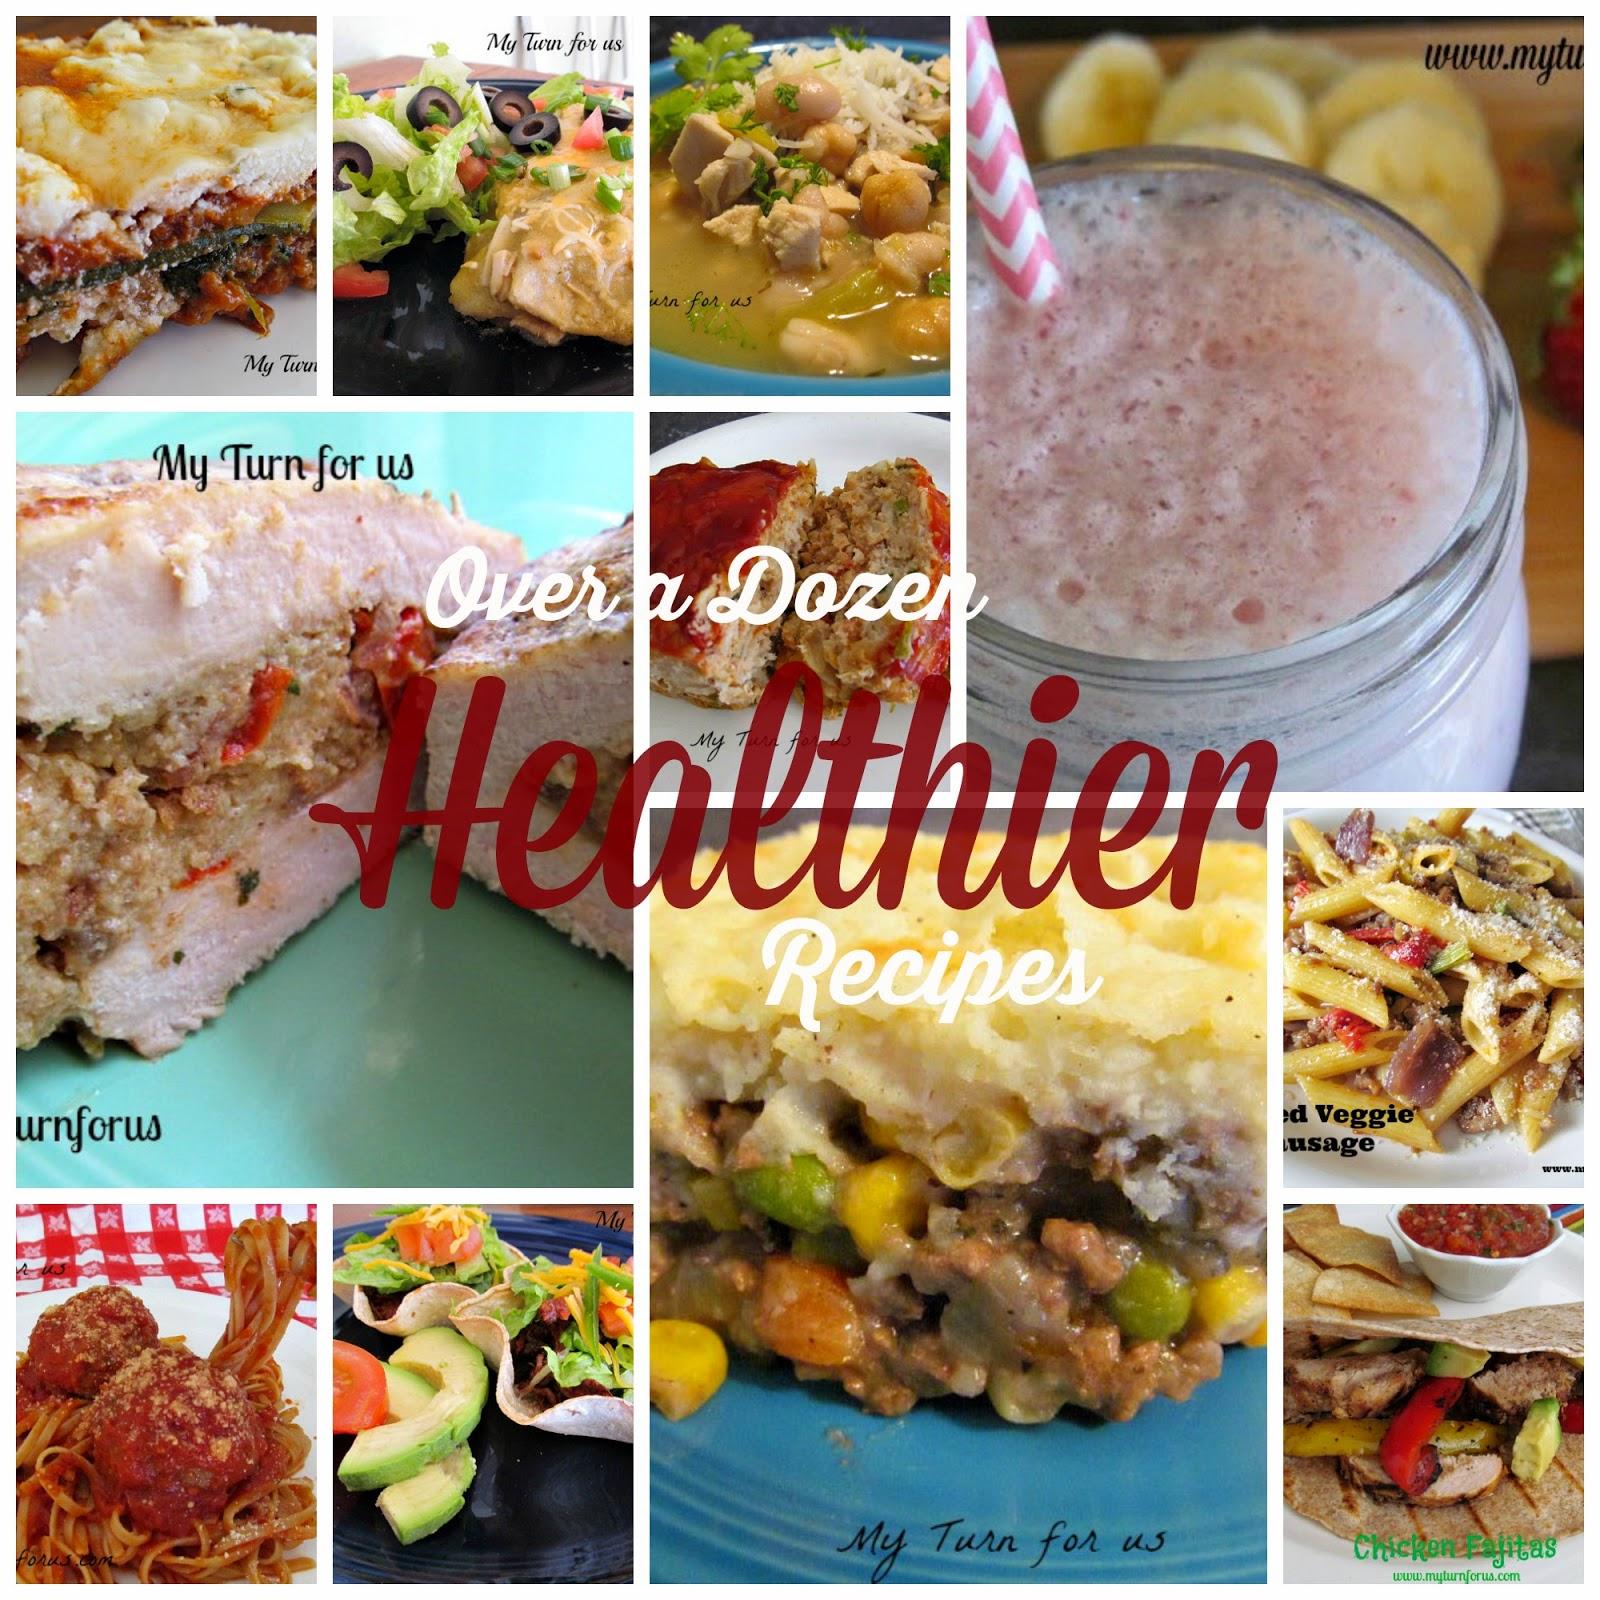 http://www.myturnforus.com/2015/02/over-dozen-healthier-recipes.html